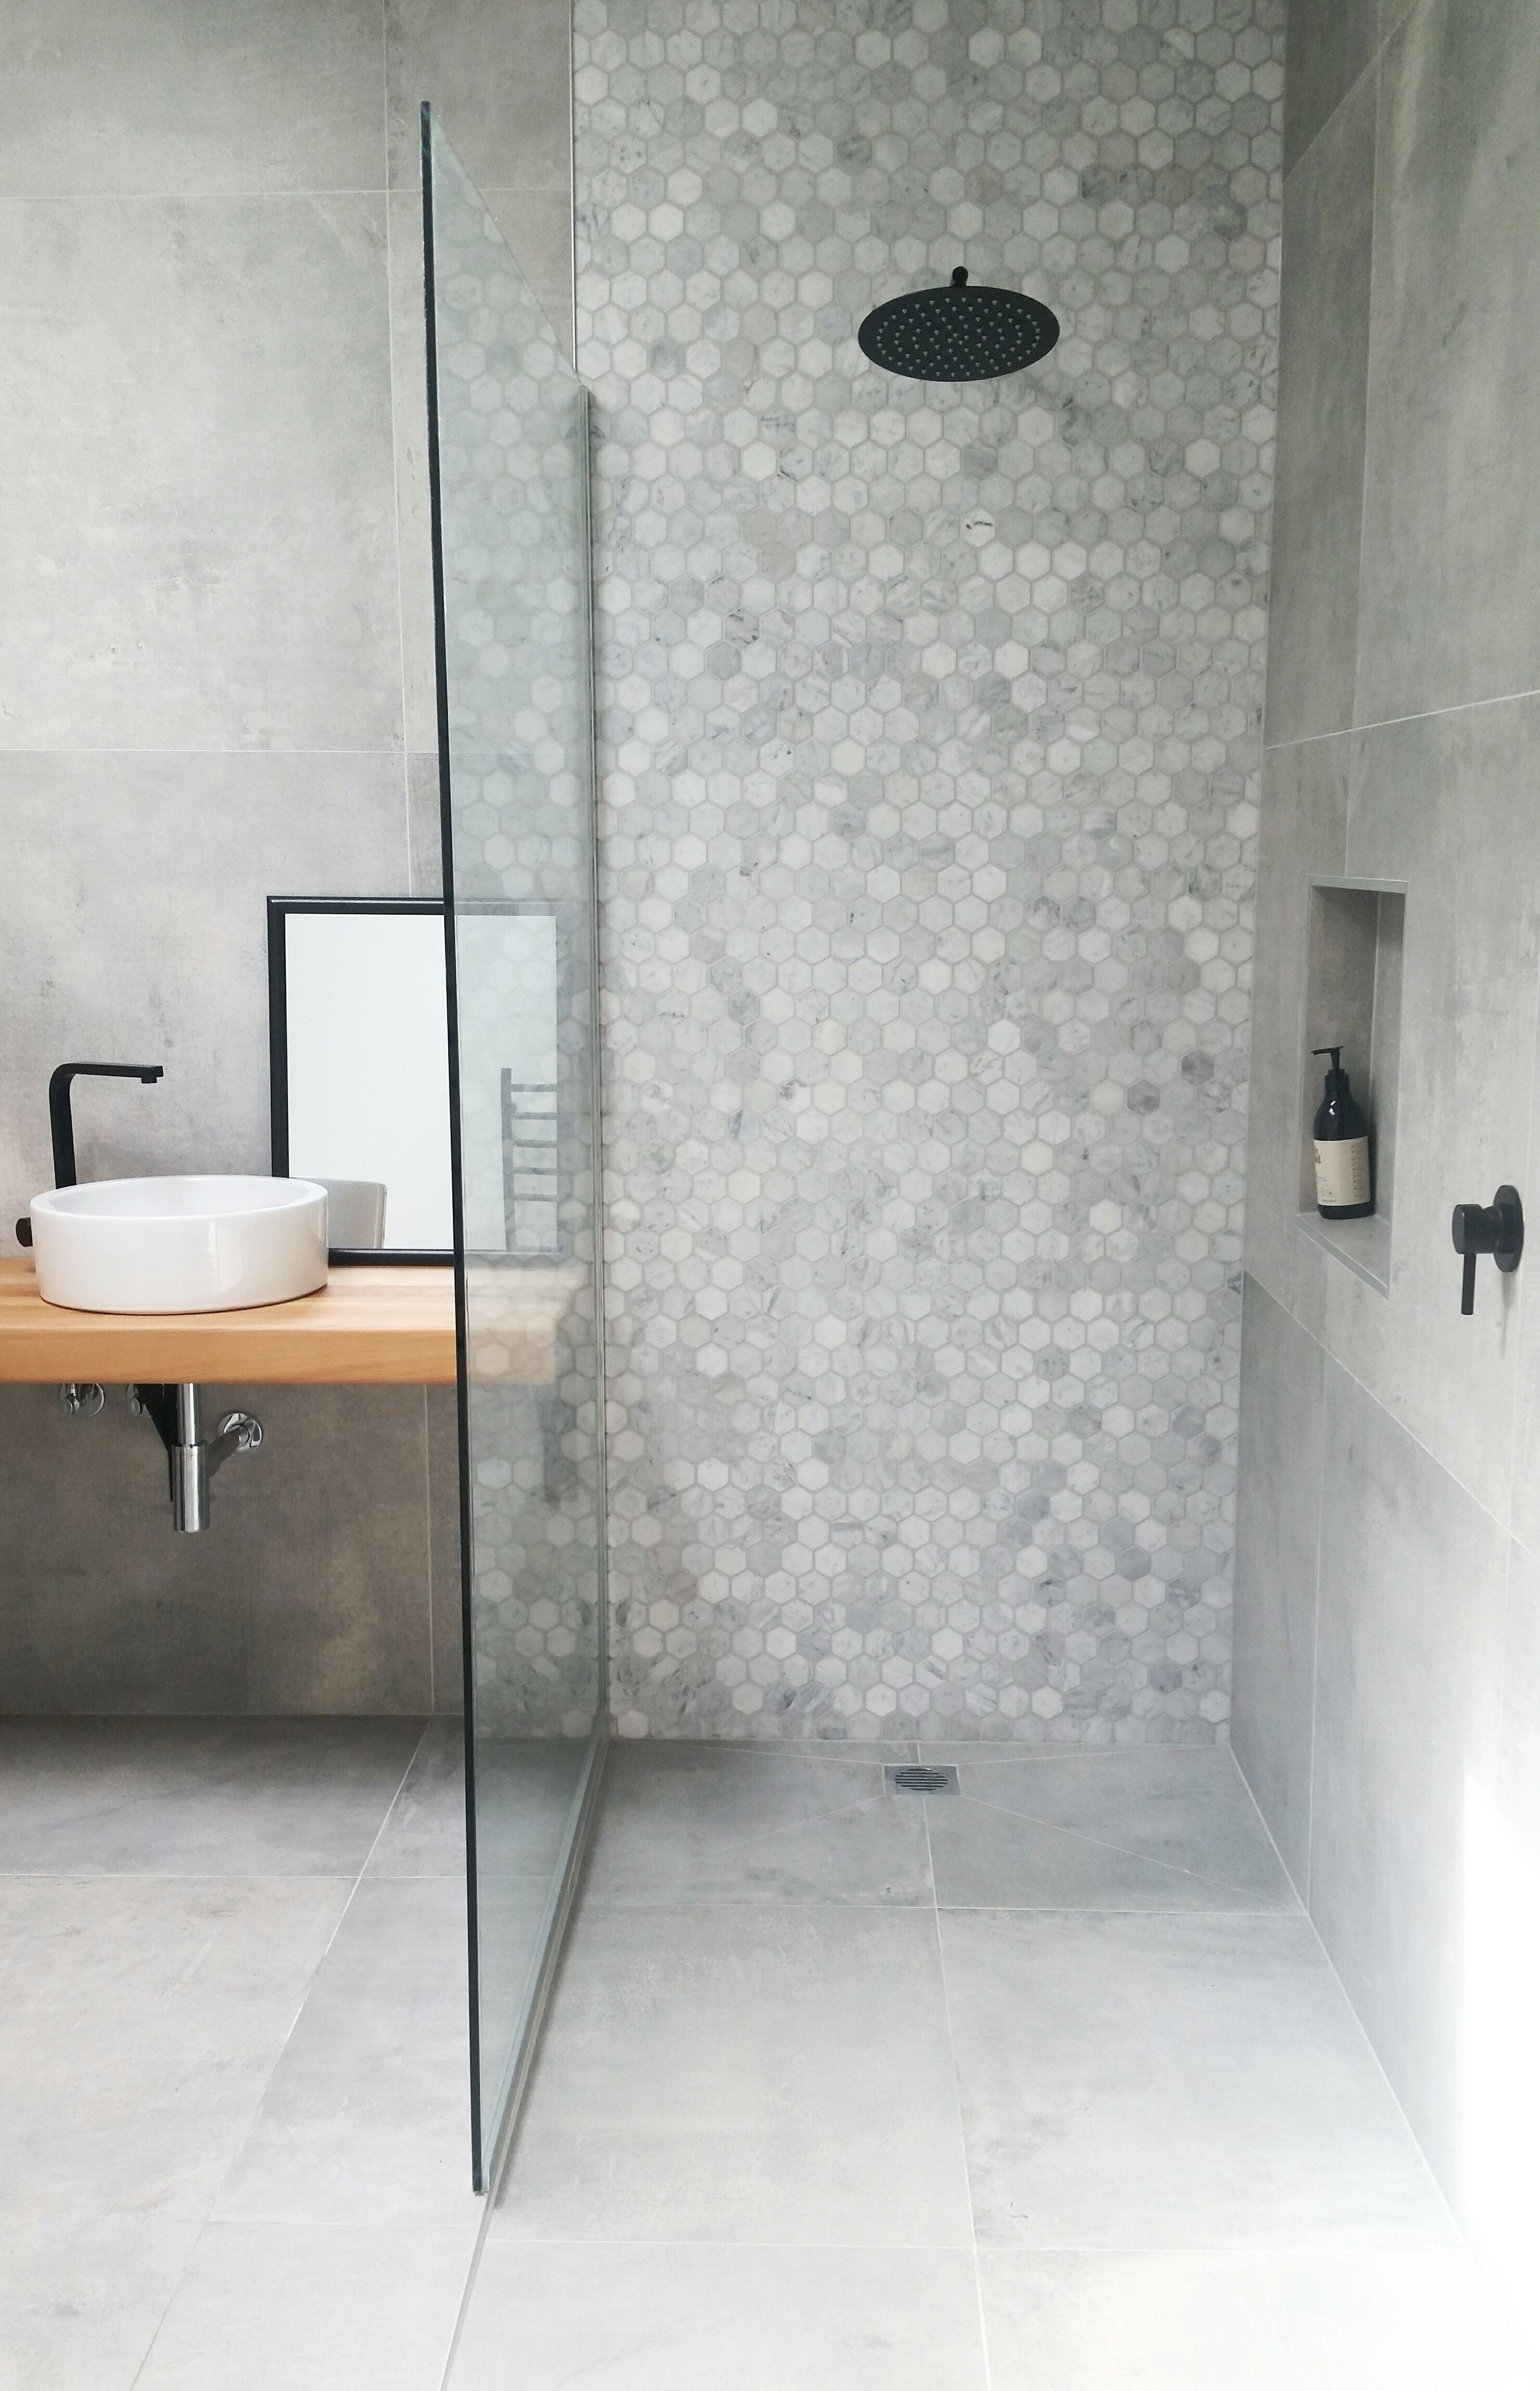 Contemporary Concrete Look Bathroom in 2020 Bathroom